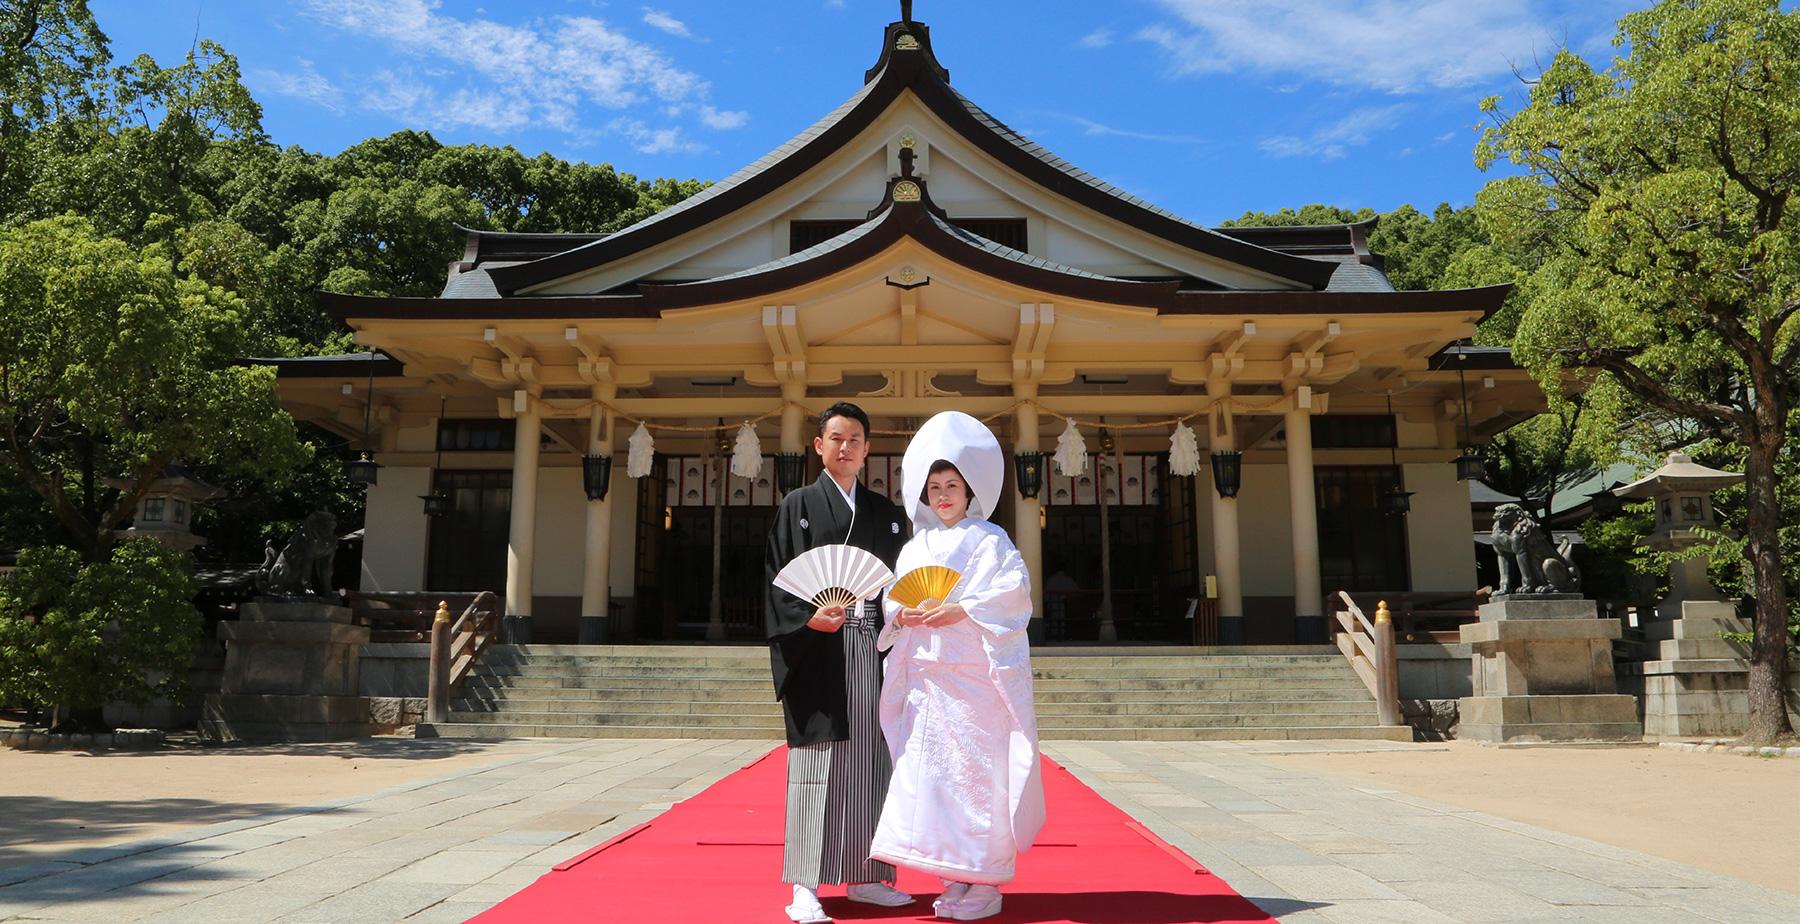 湊川神社でのこころに残る記念写真